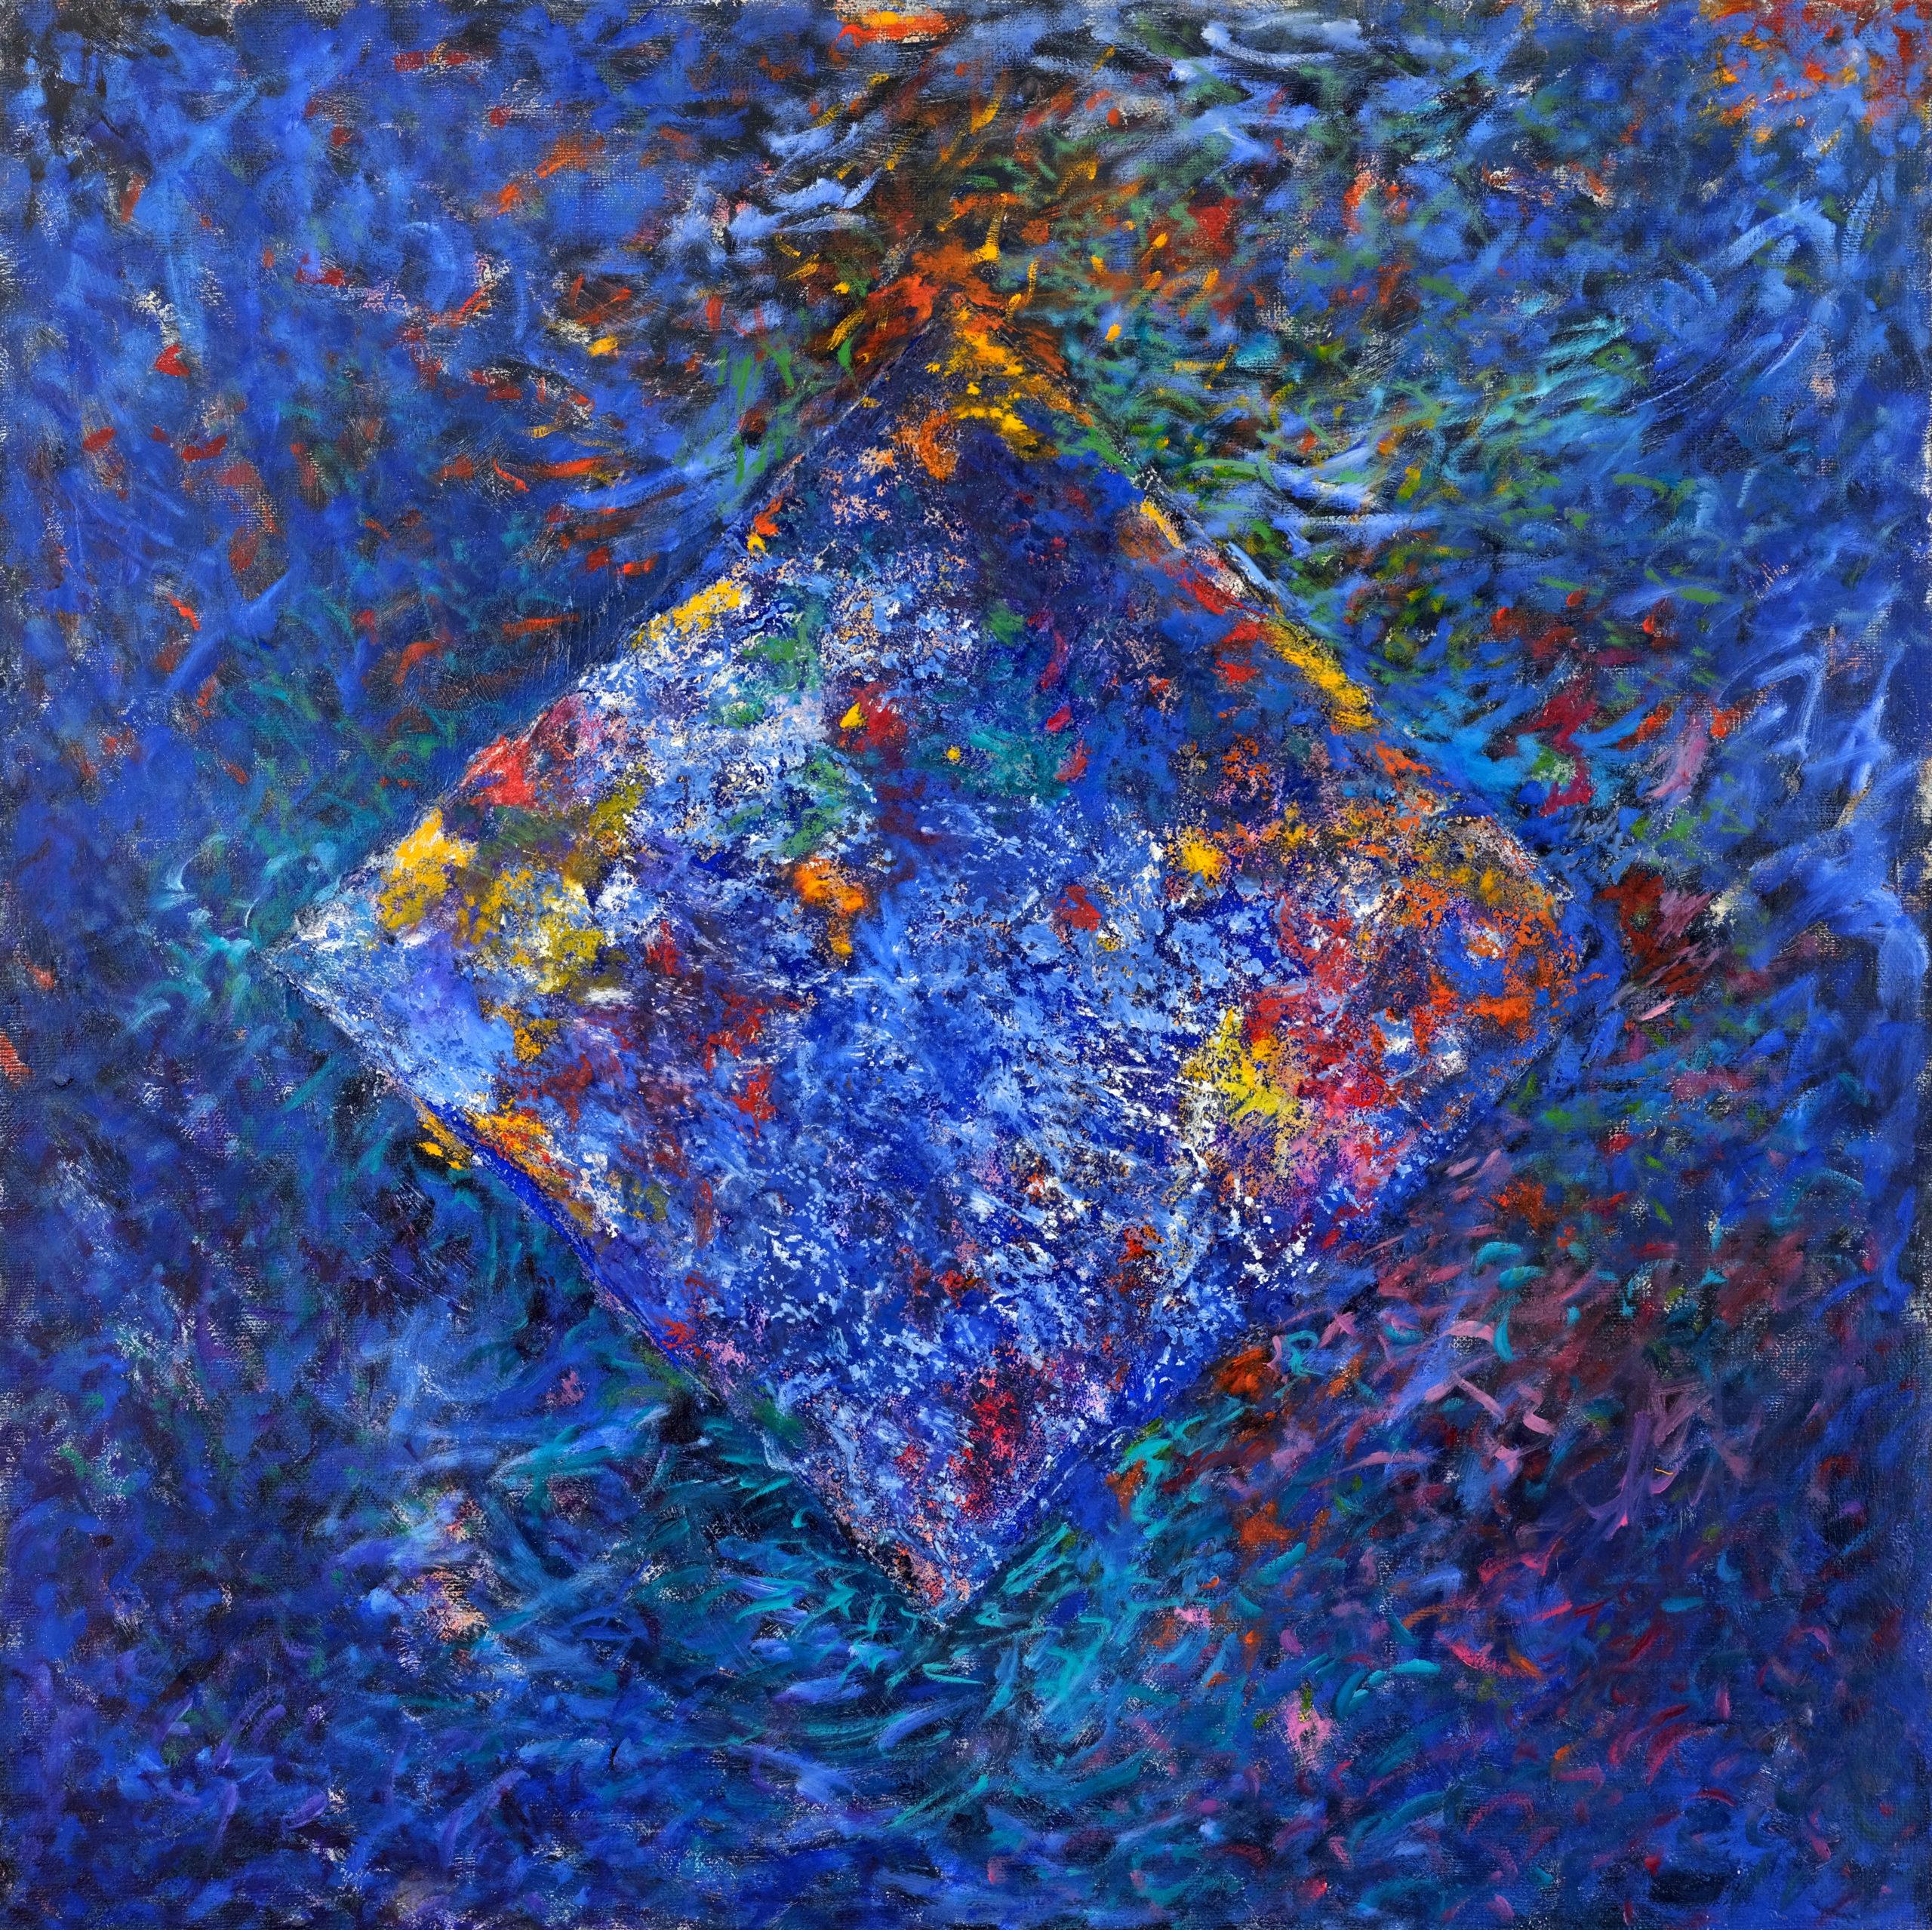 Losange bleu, huile sur toile 80 X 80 cm